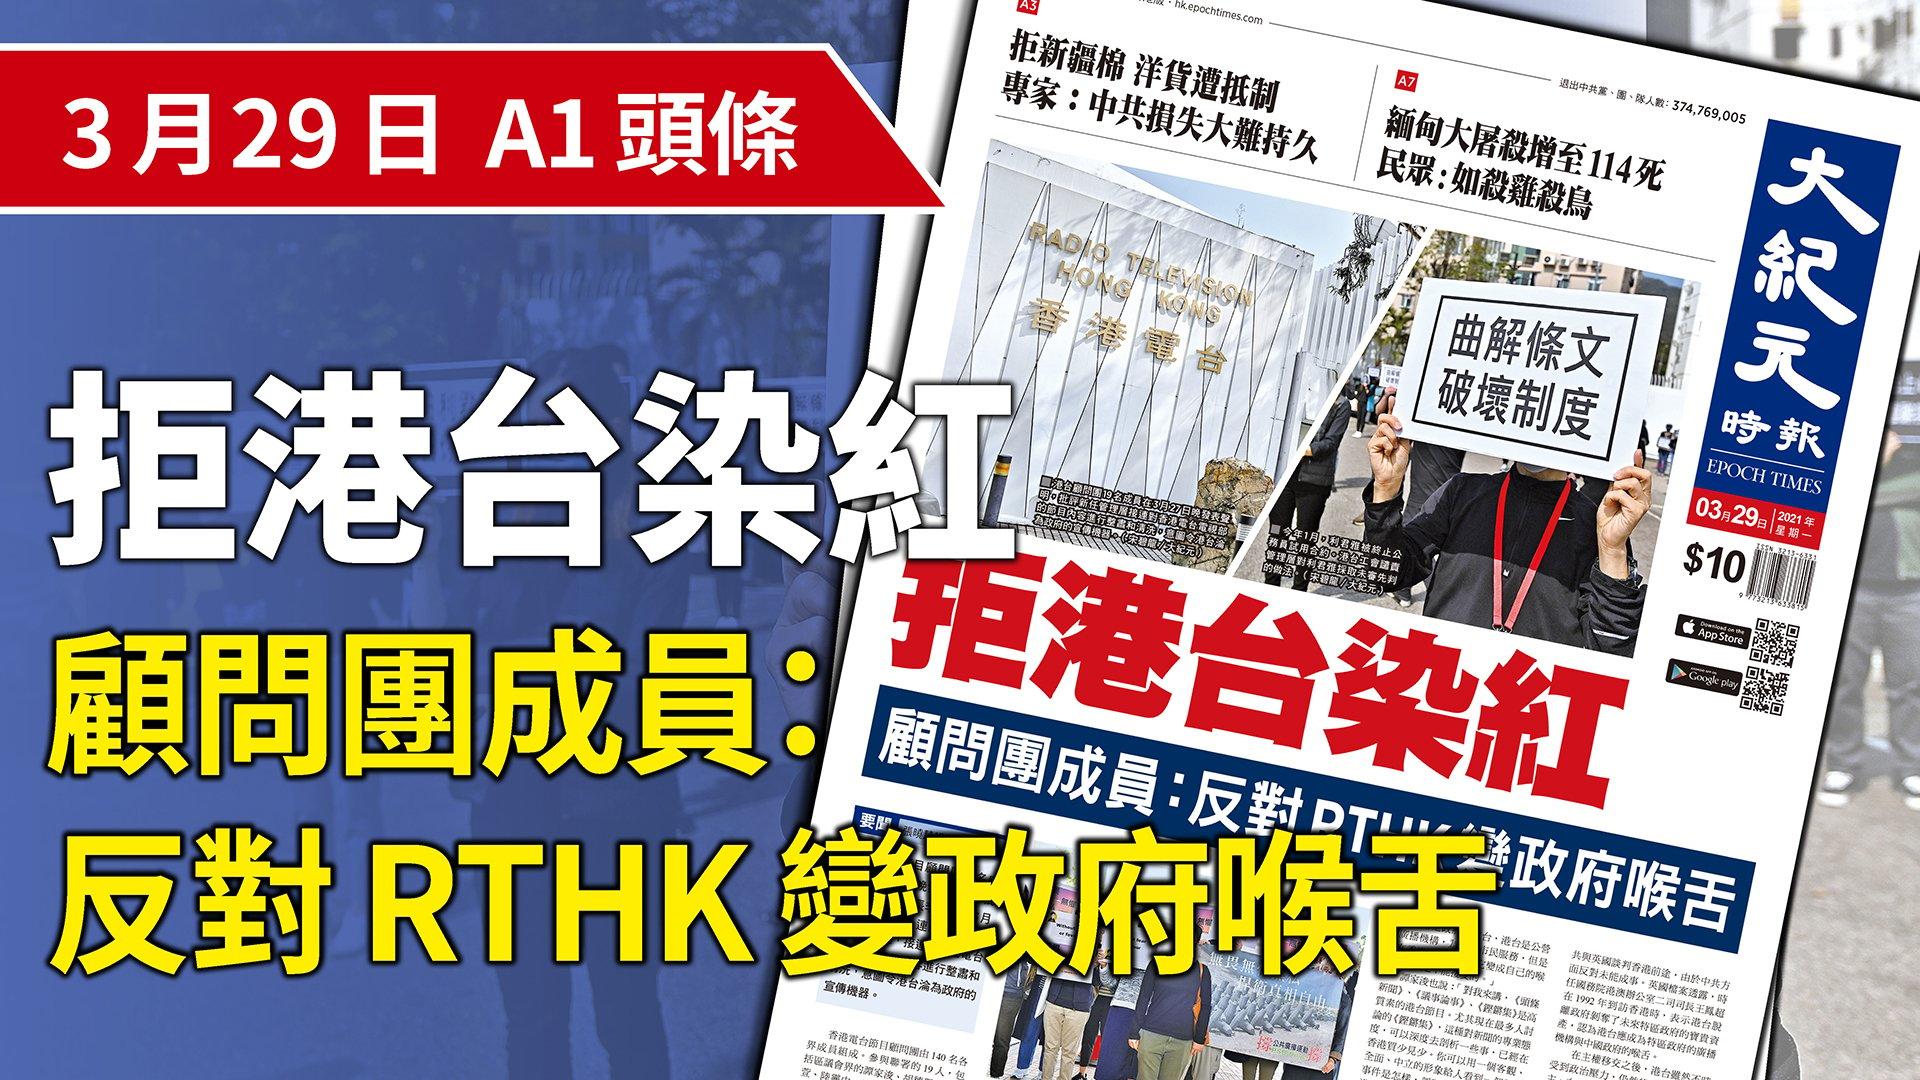 港台顧問團19名成員在3月27日晚發表聲明,批評新任管理層接連對香港電台電視部的節目內容進行整肅和清洗,意圖令港台淪為政府的宣傳機器。(大紀元製圖)